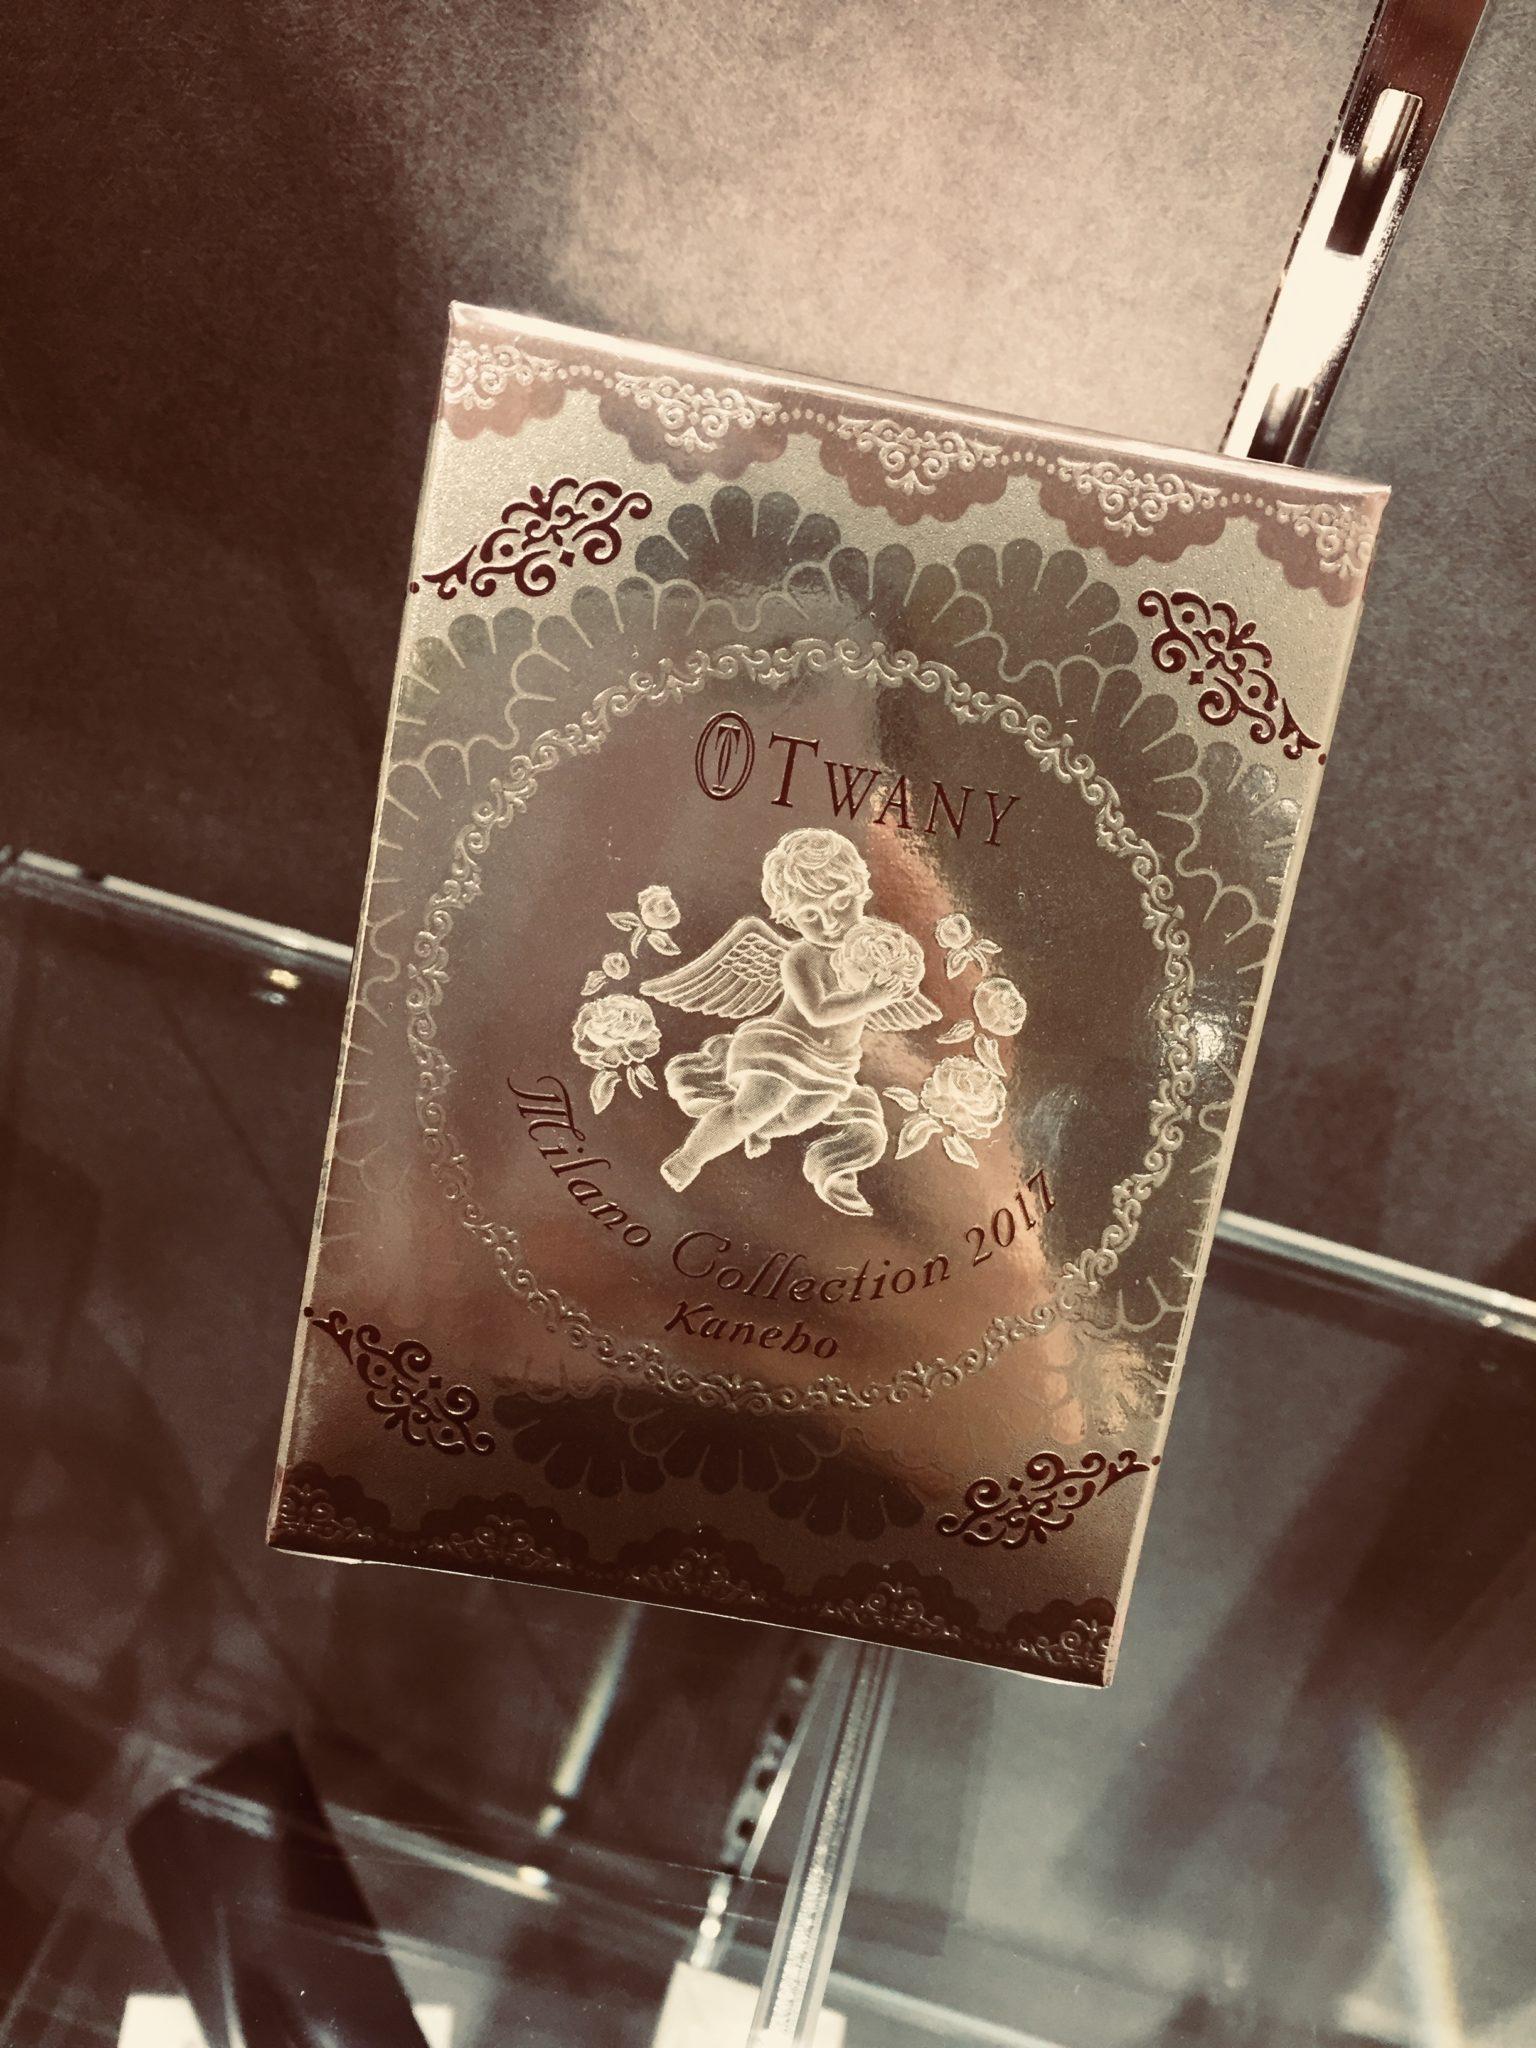 【盛岡 ミラノコレクション 販売】Kanebo カネボウ オードパルファム ミラノコレクション2017